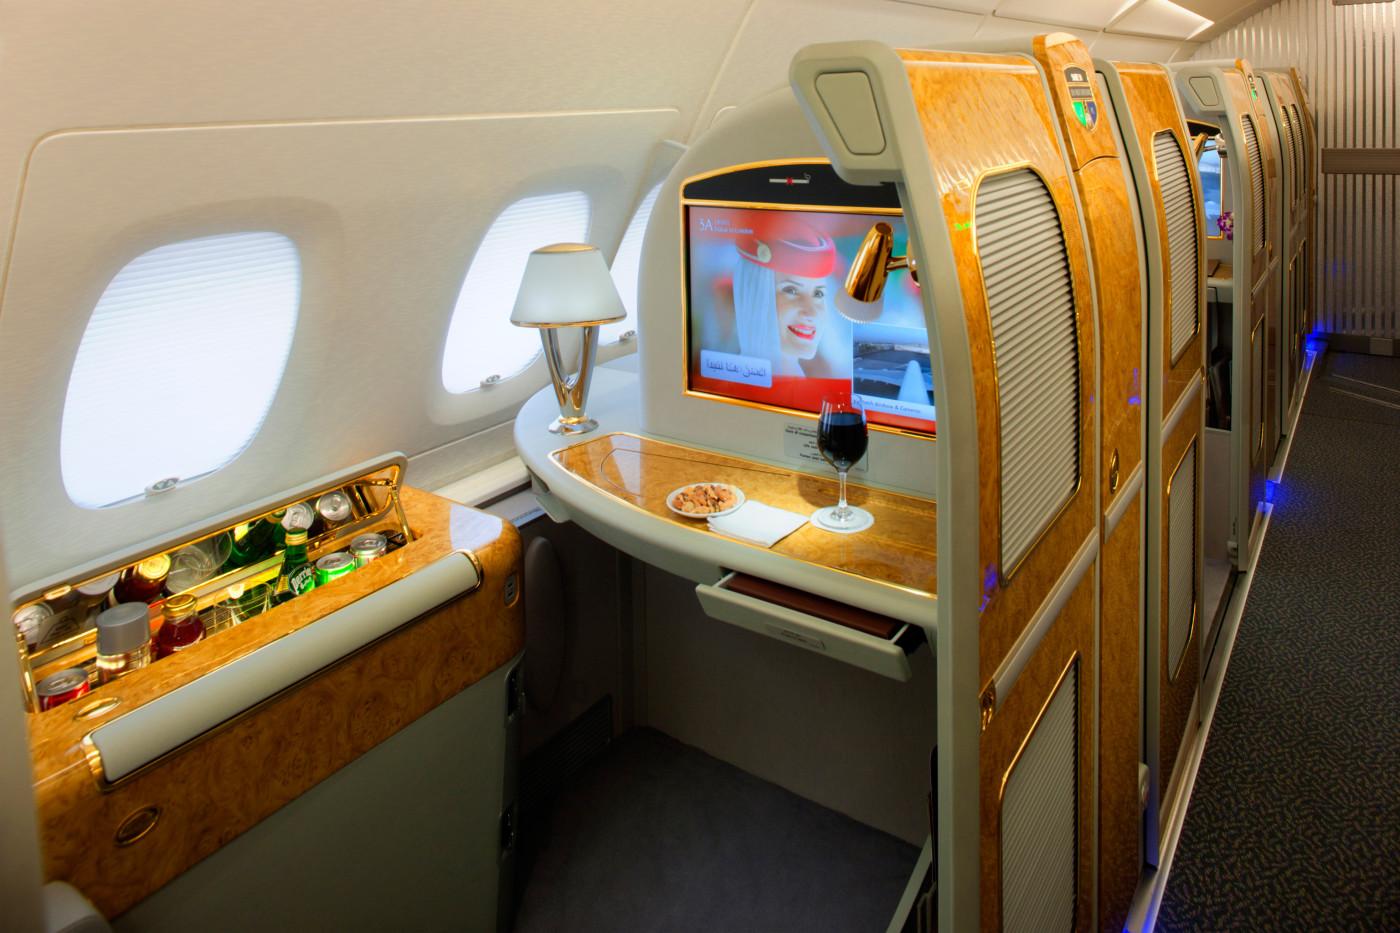 想要嗎?旅行必備指南-帶你體驗各個航空公司不一樣的座艙體驗趣~!